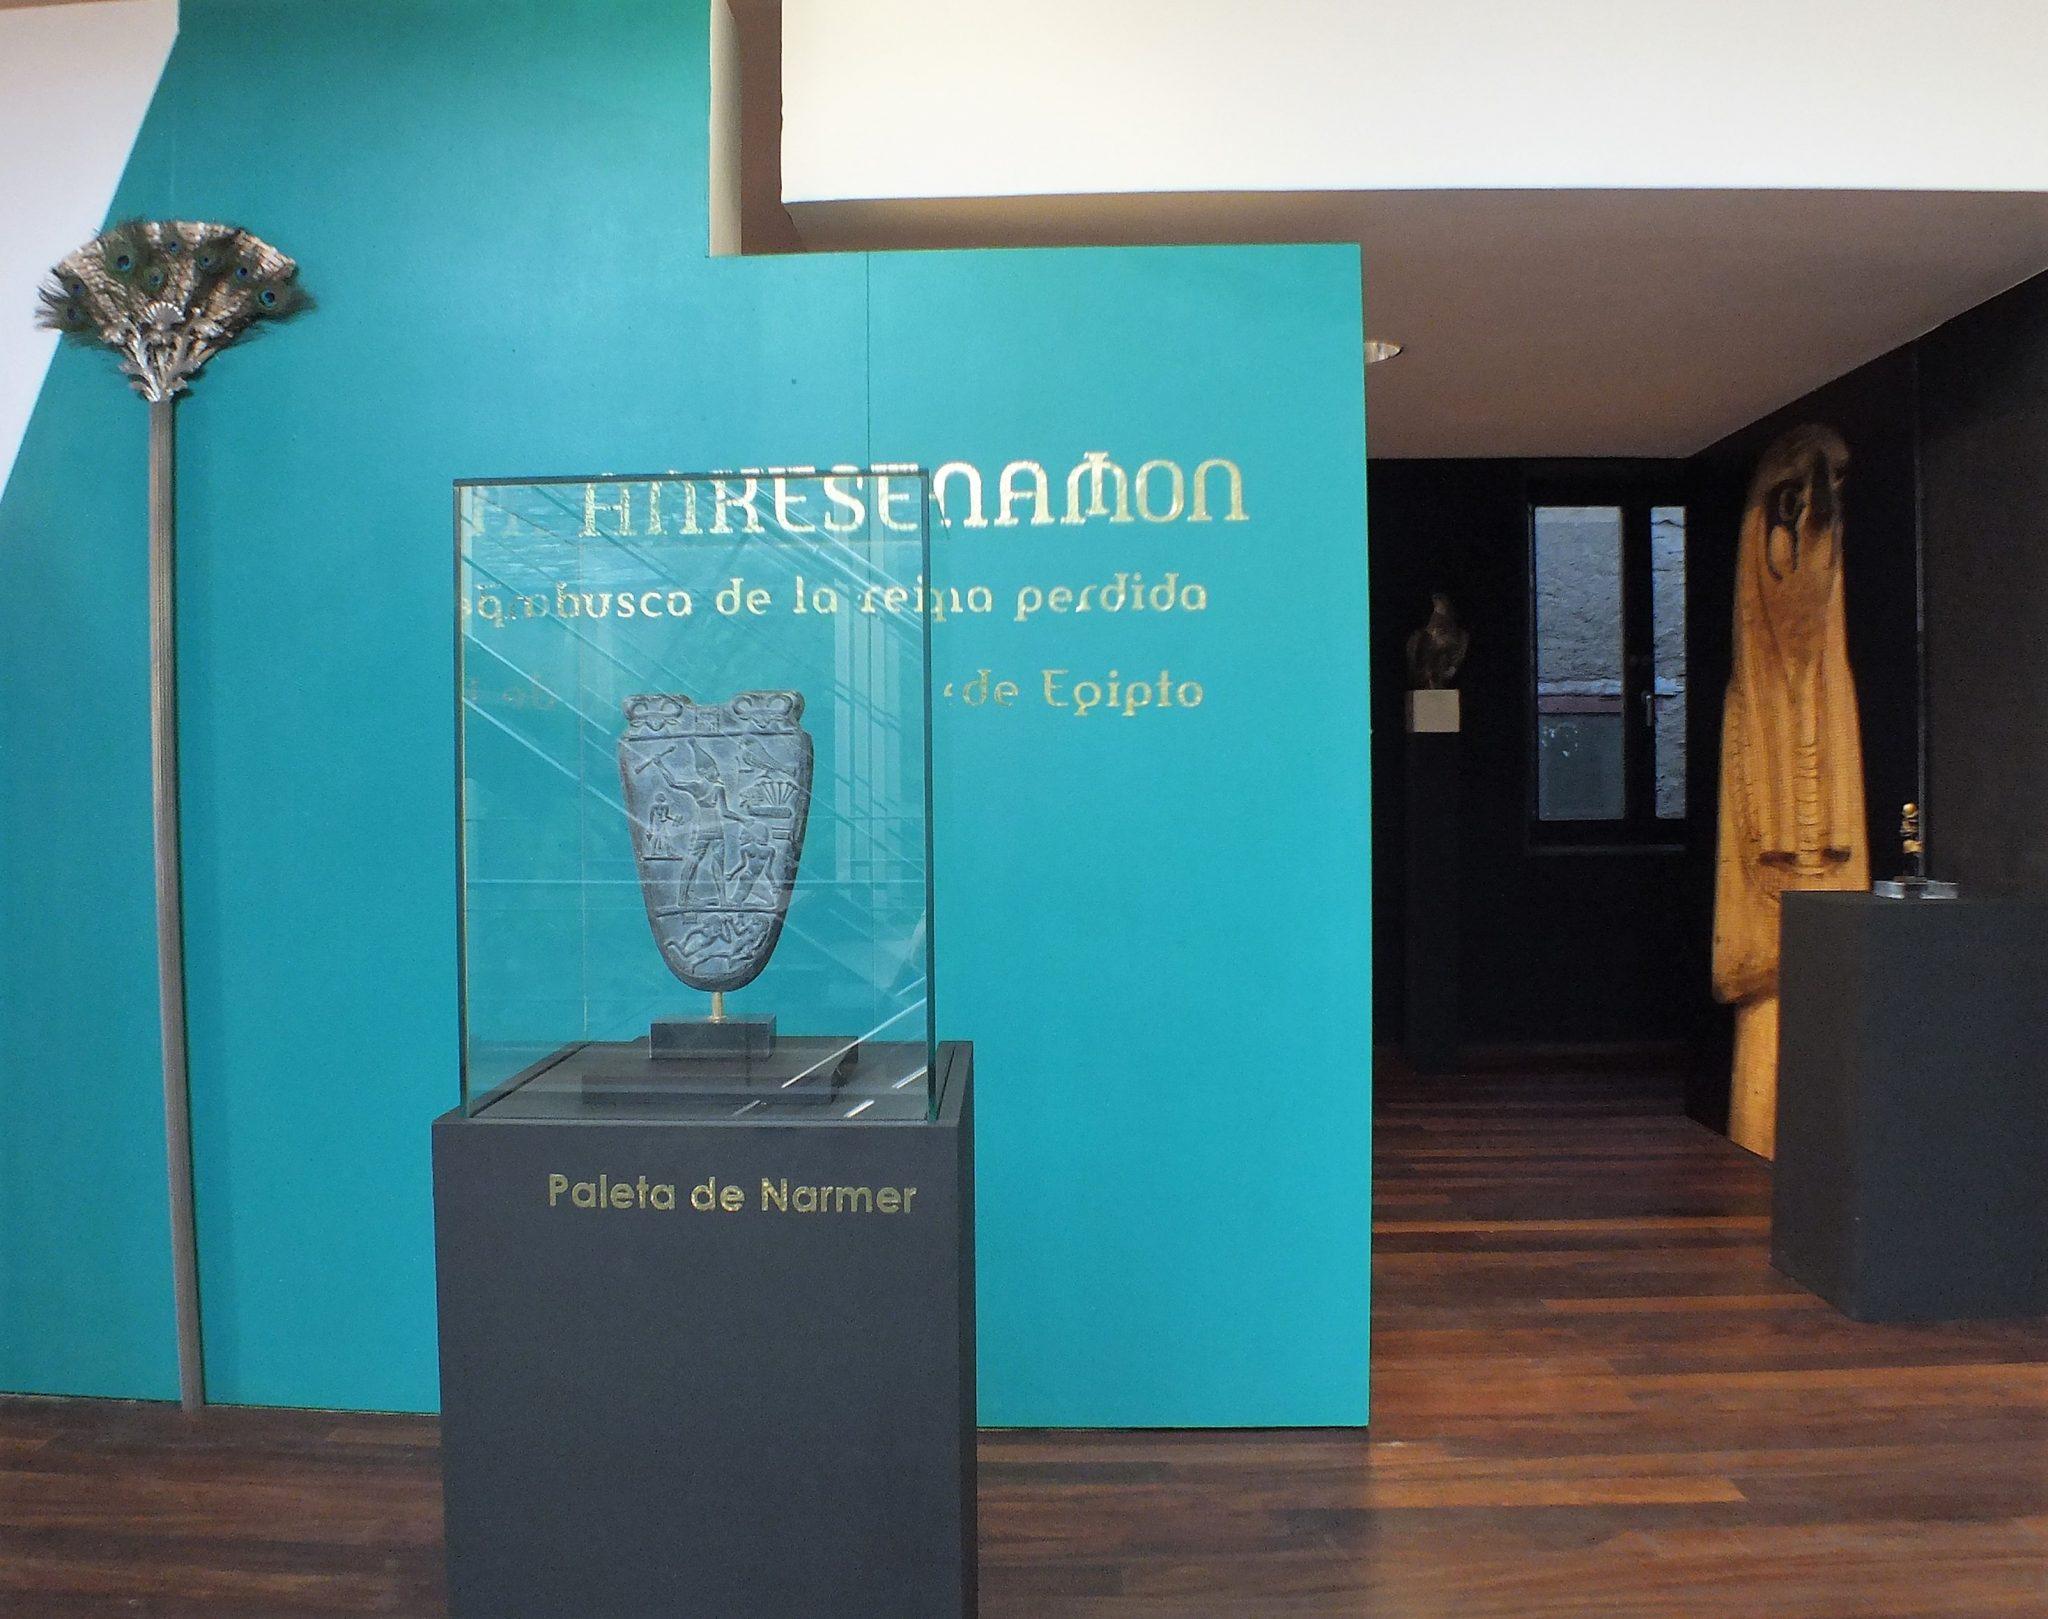 El Museo MARCA de Cacabelos inaugura el jueves la exposición ANKESENAMON. En busca de la reina perdida de Egipto 2